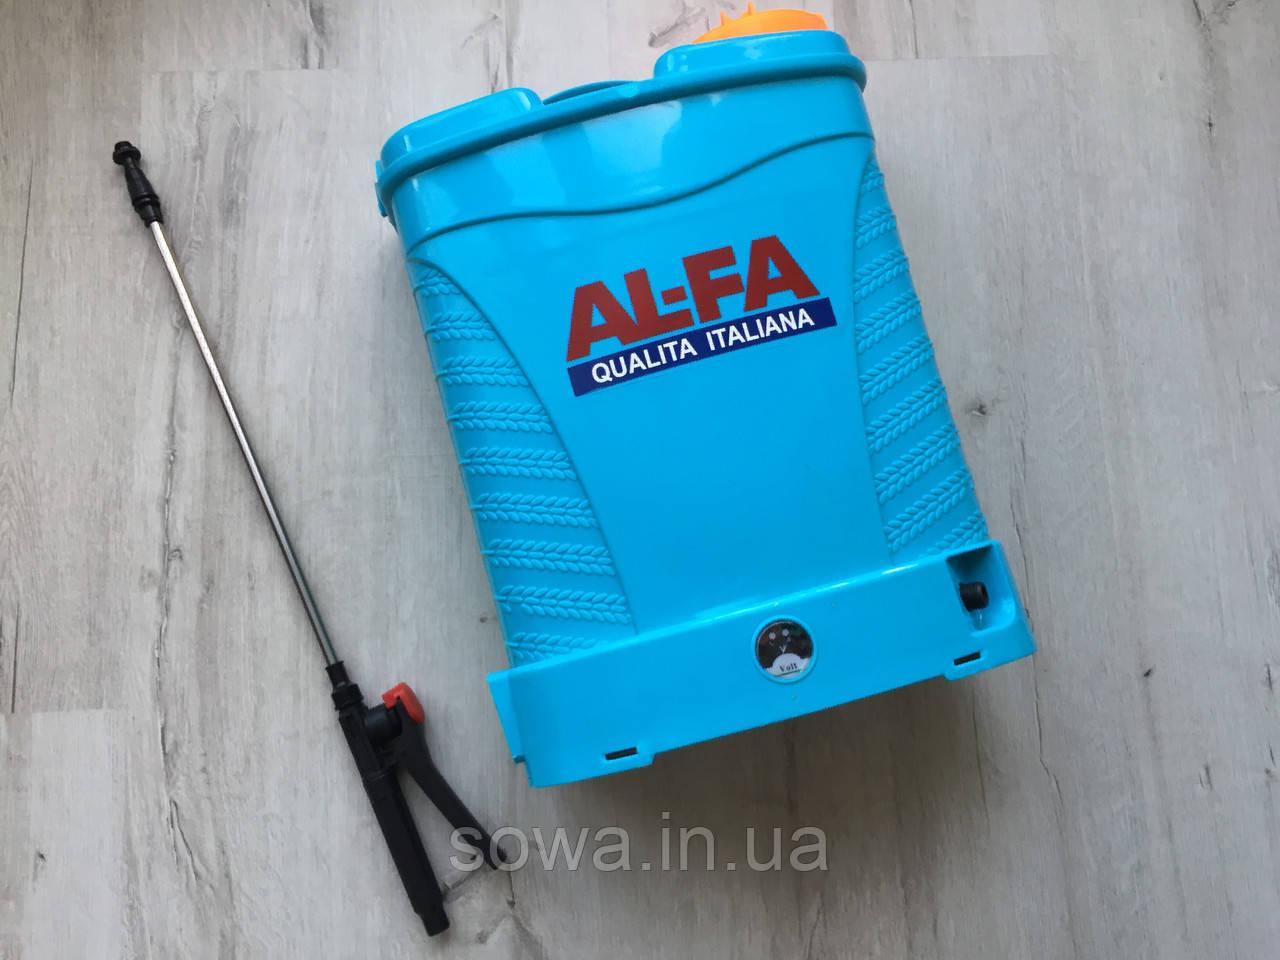 ✔️ Акумуляторний садовий обприскувач AL-FA Profi | 16L, 15A.h